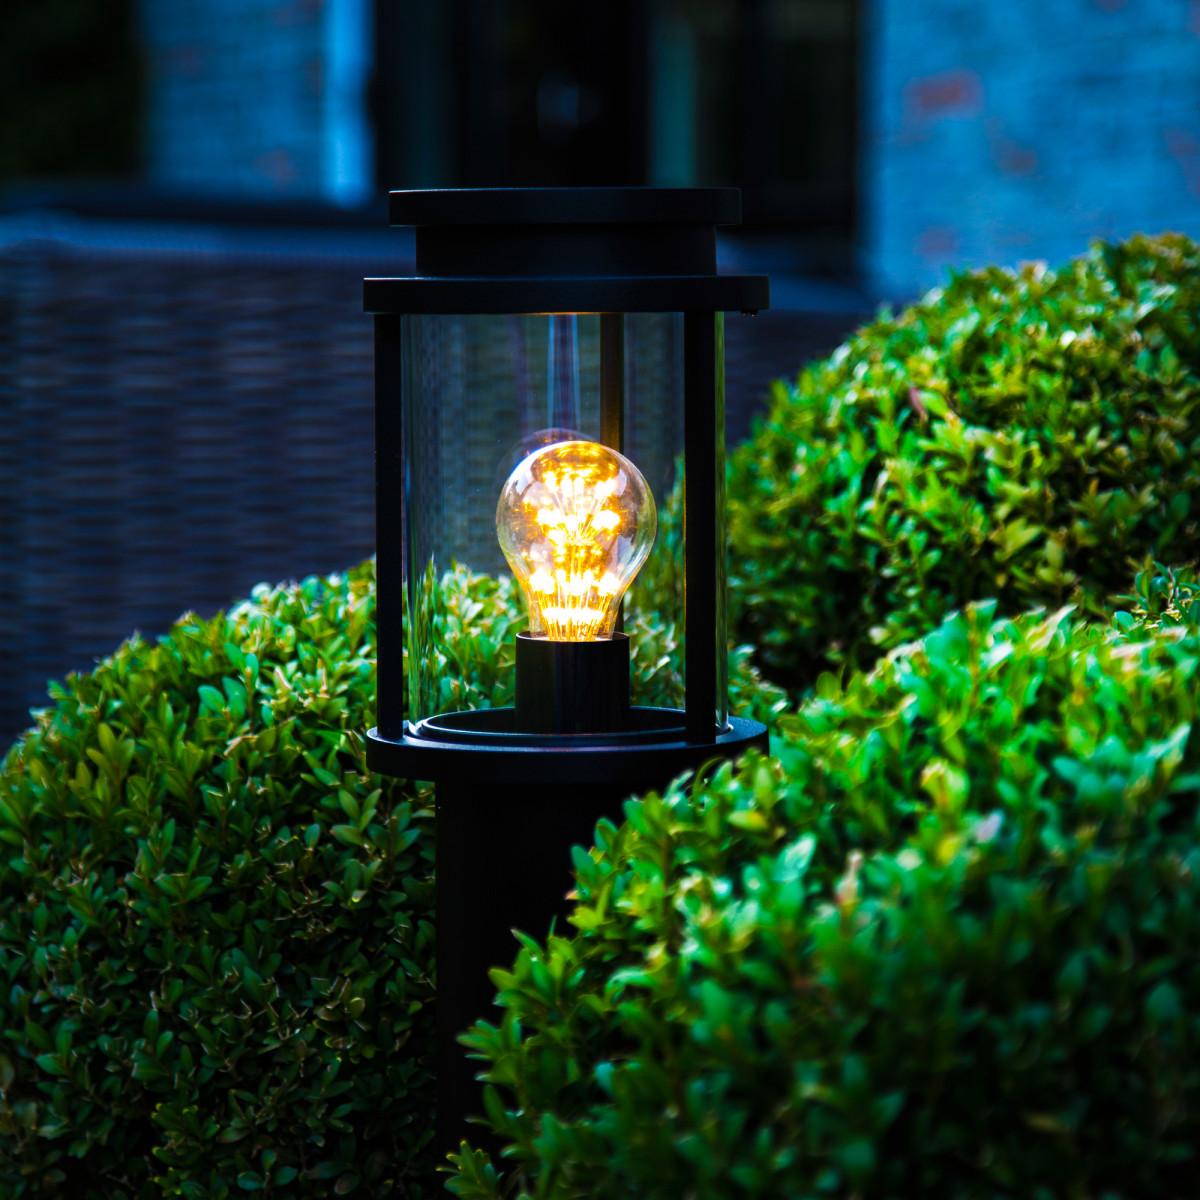 Buitenlamp staand zwart Sydney terras 60cm hoog, ronde lantaarnkap strak klassiek op paal doorsnedee 10 cm, tuinverlichting van KS Verlichting